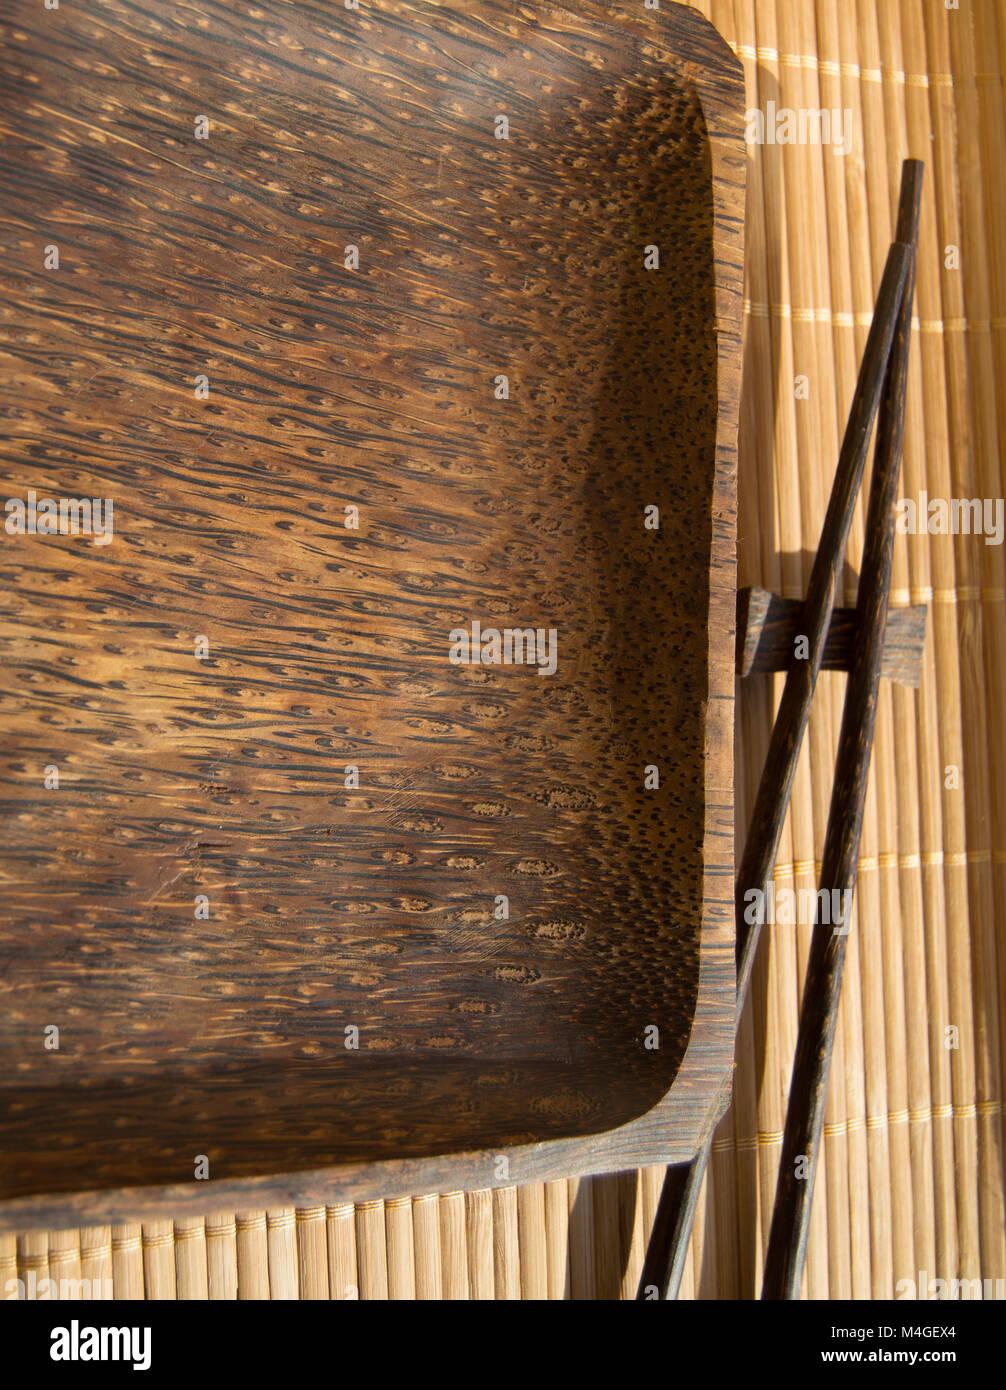 leere holzplatte und sushi mit stäbchen auf bambus serviette